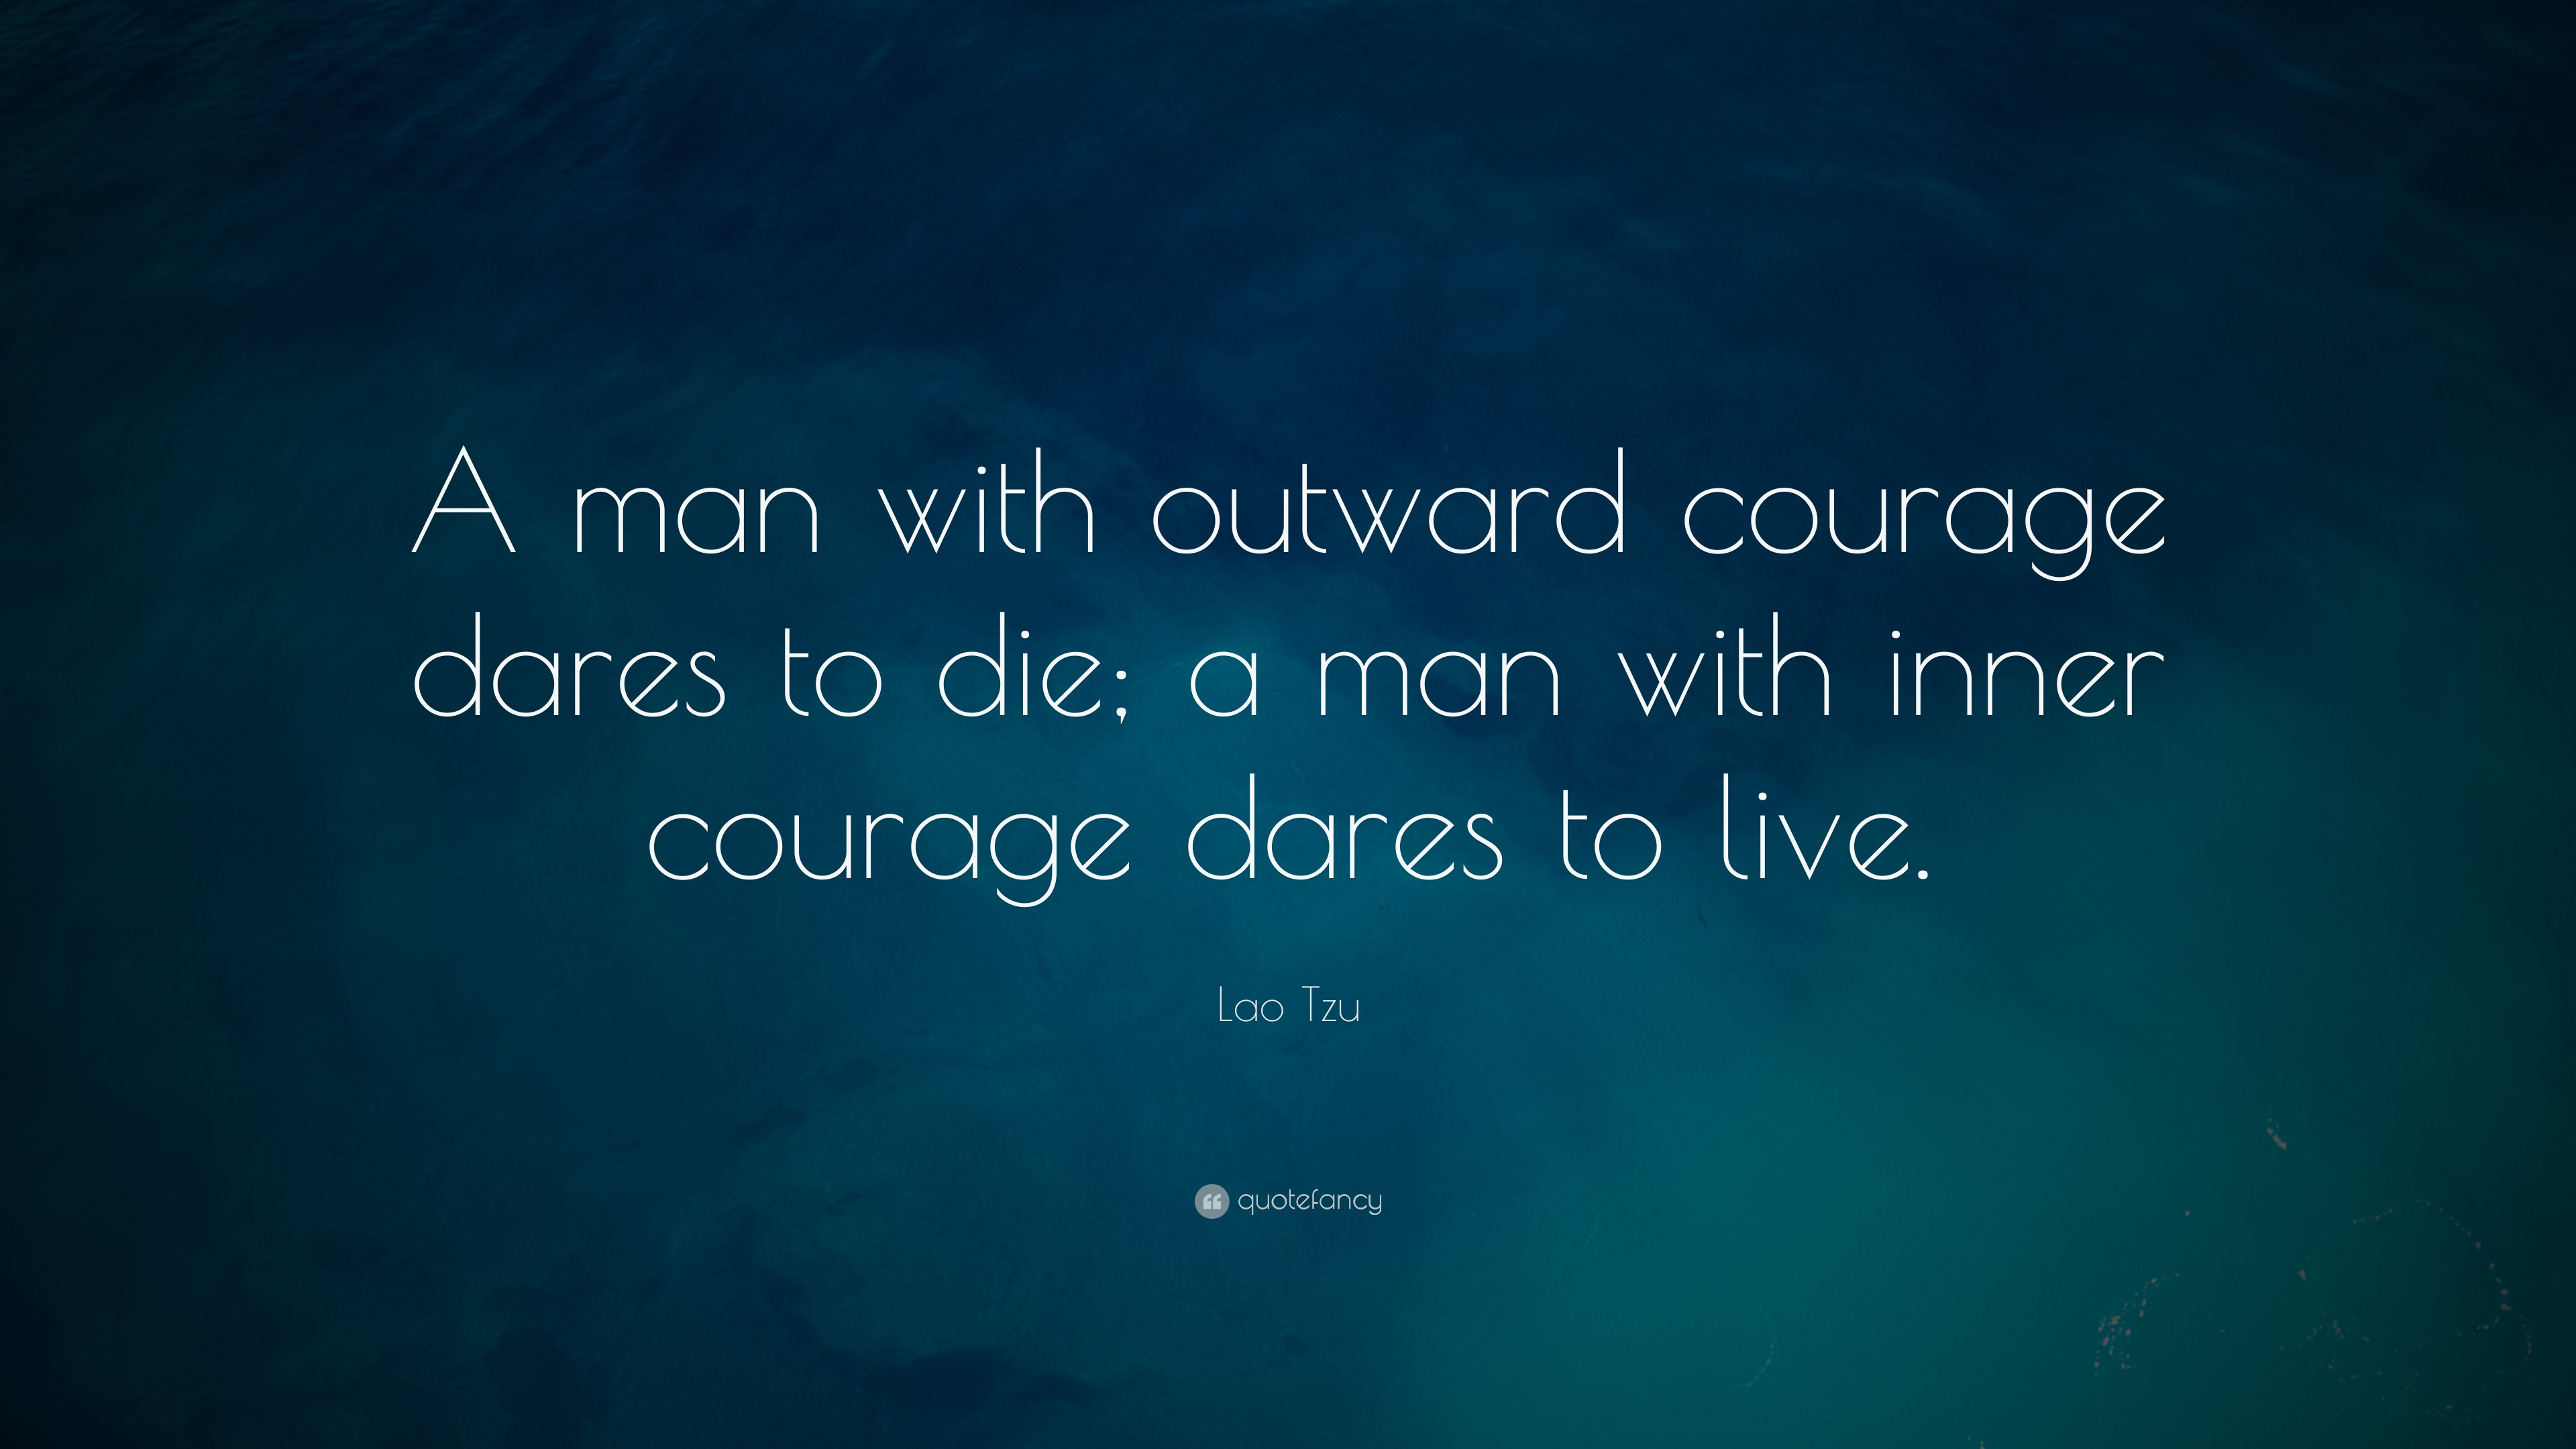 Lao Tzu Courage Quotes